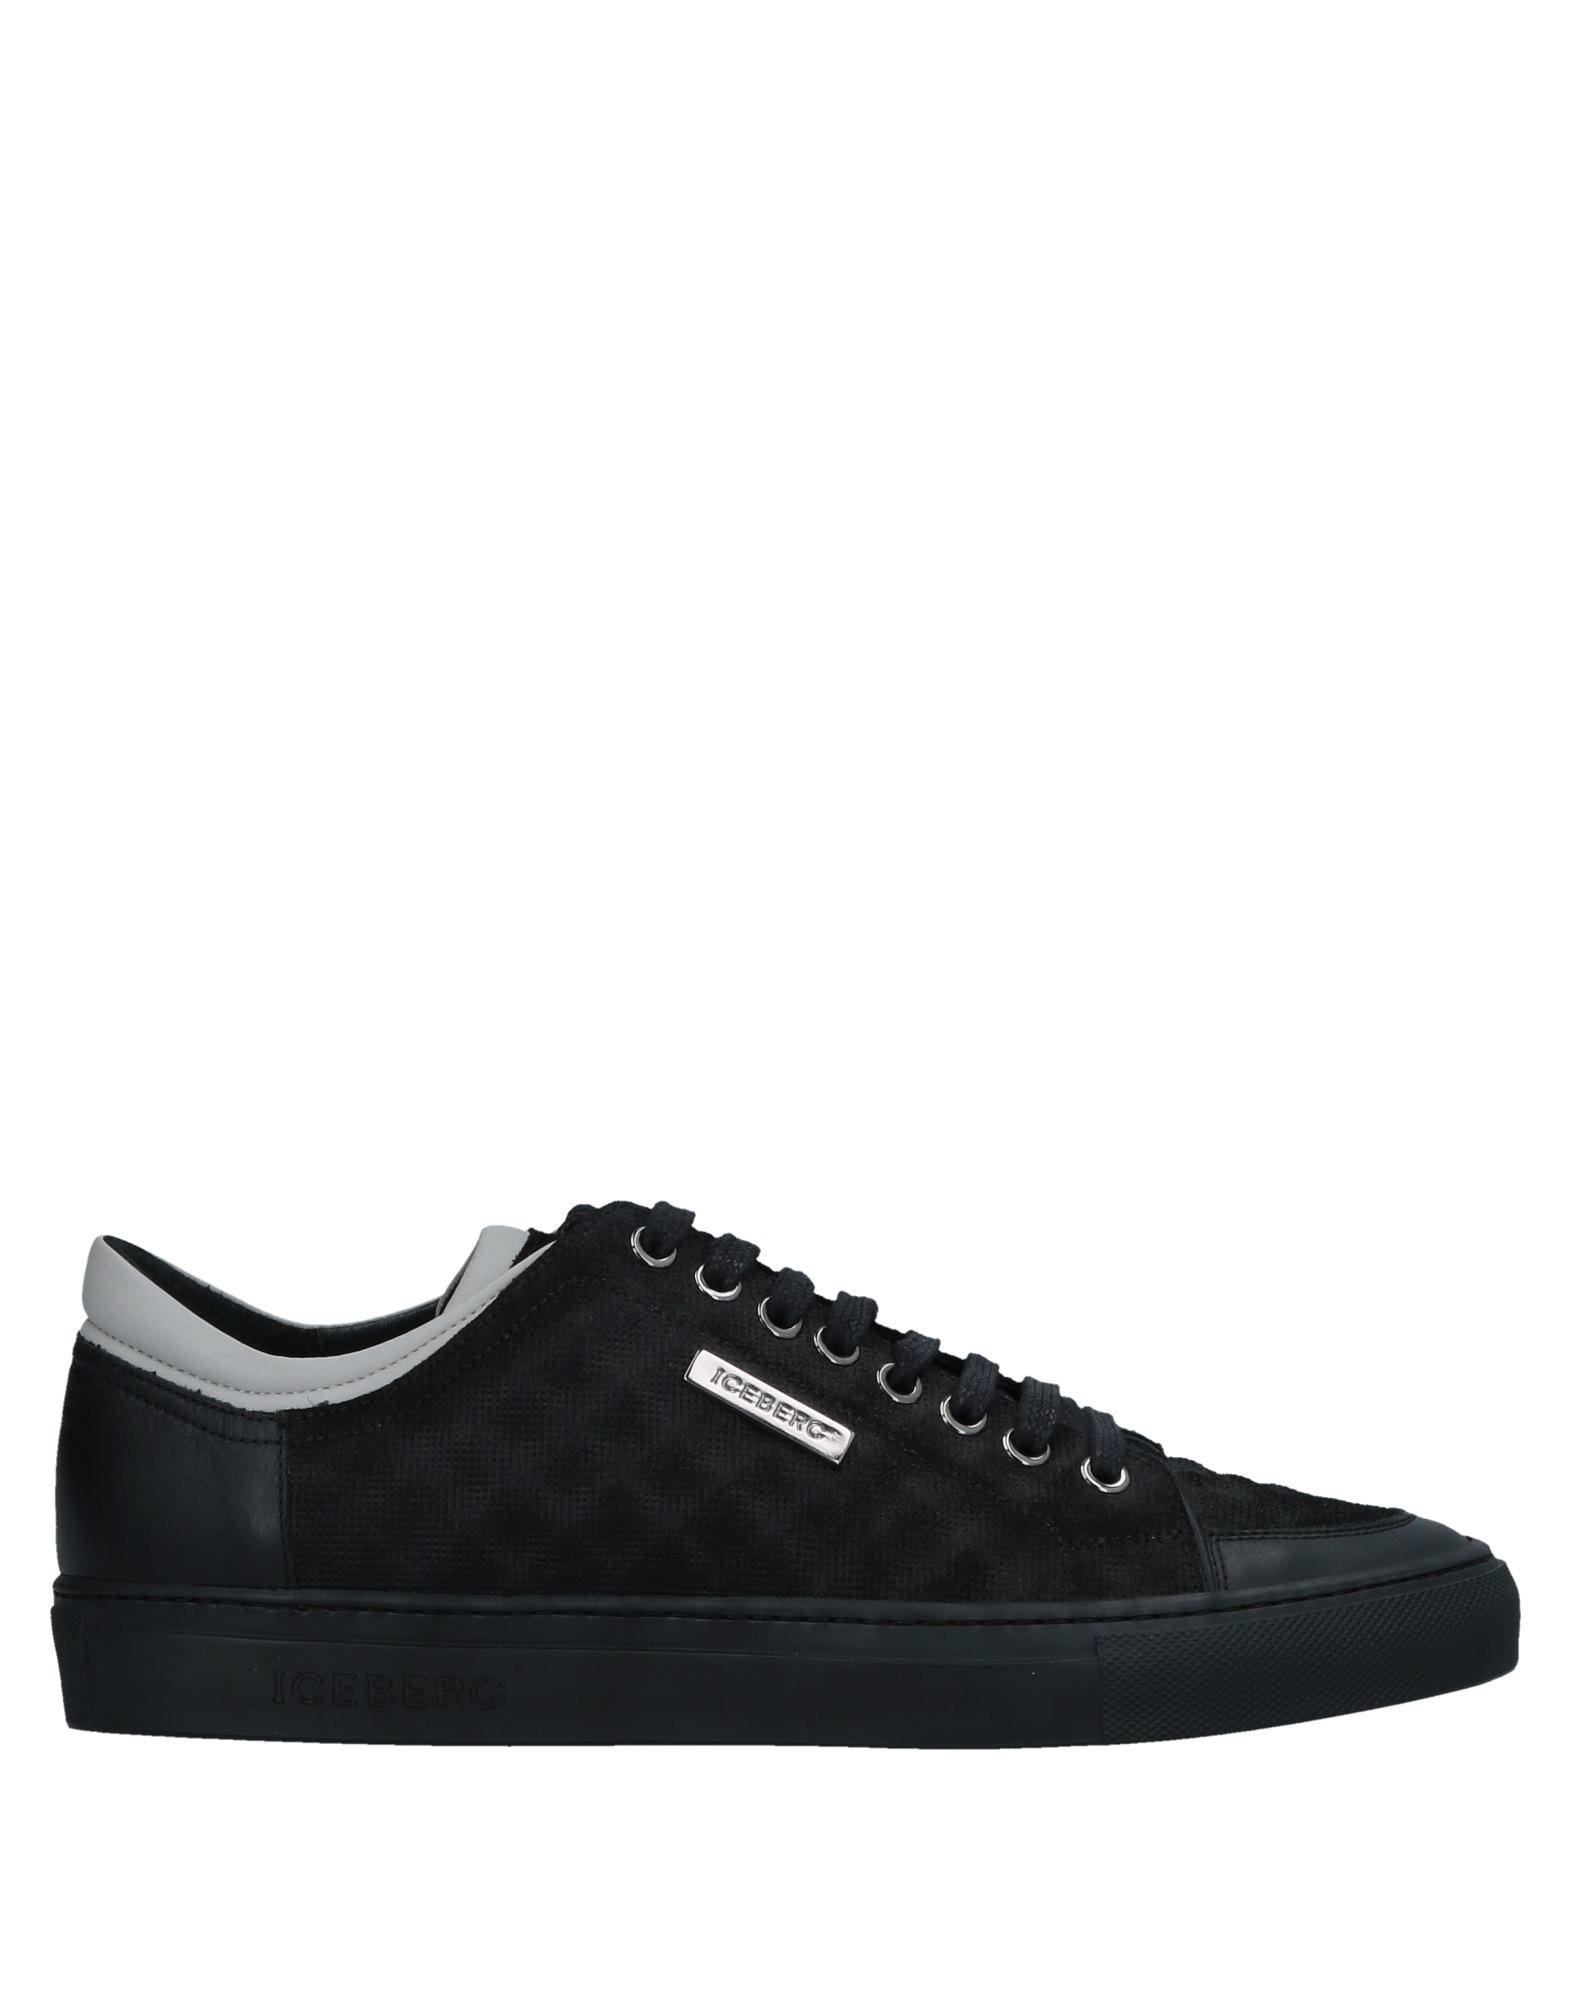 Sneakers Iceberg Uomo - 11528857UN Scarpe economiche e buone